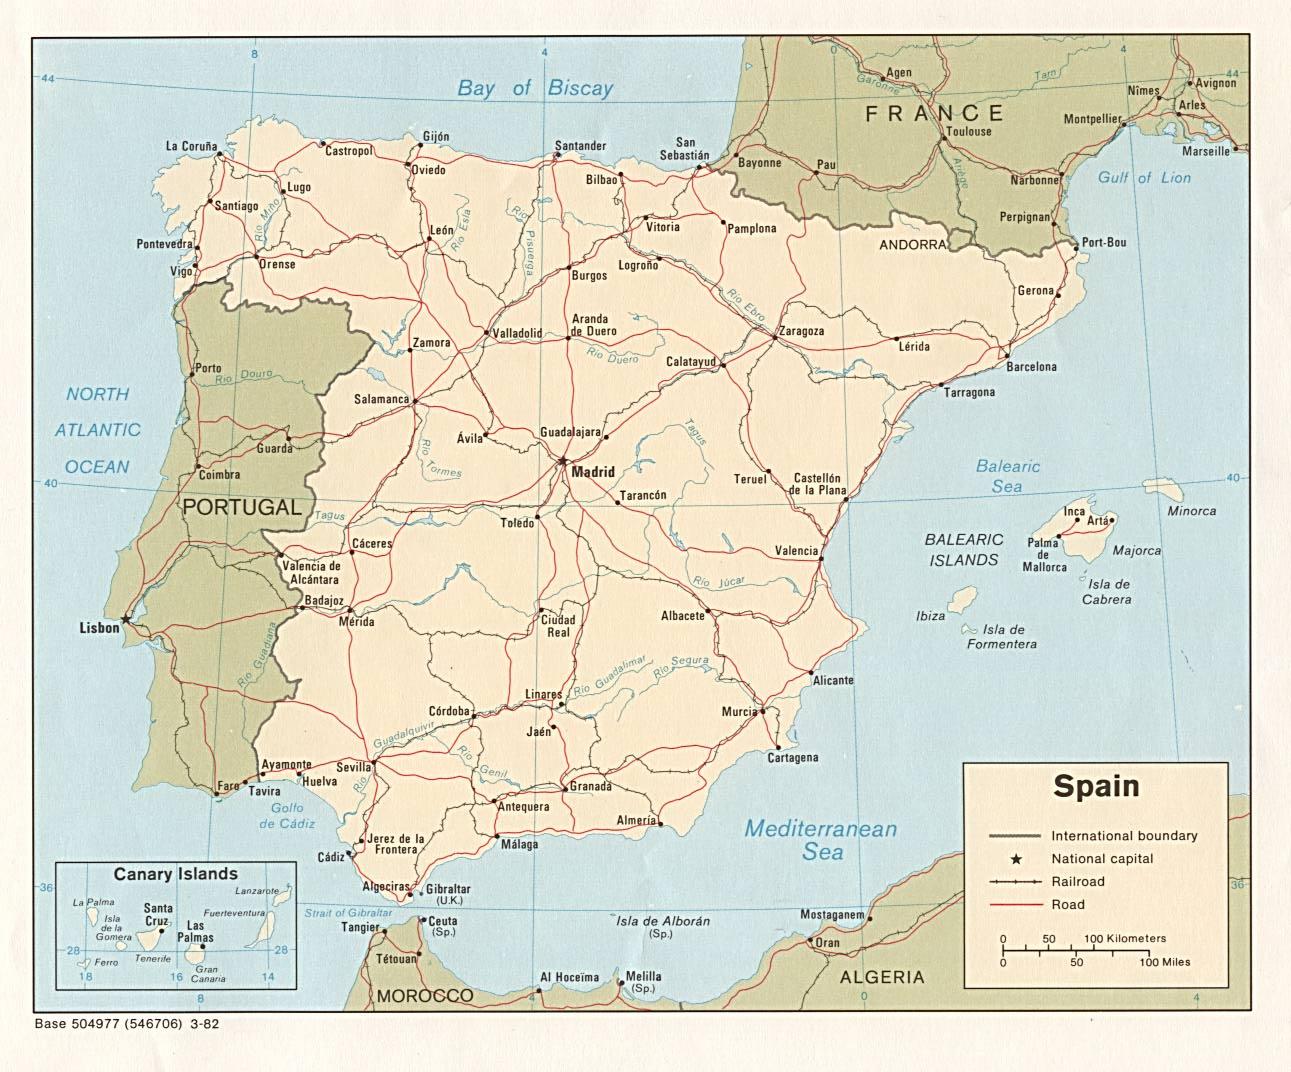 Landkarte Spanien (politische Karte) : Weltkarte.com - Karten und ...